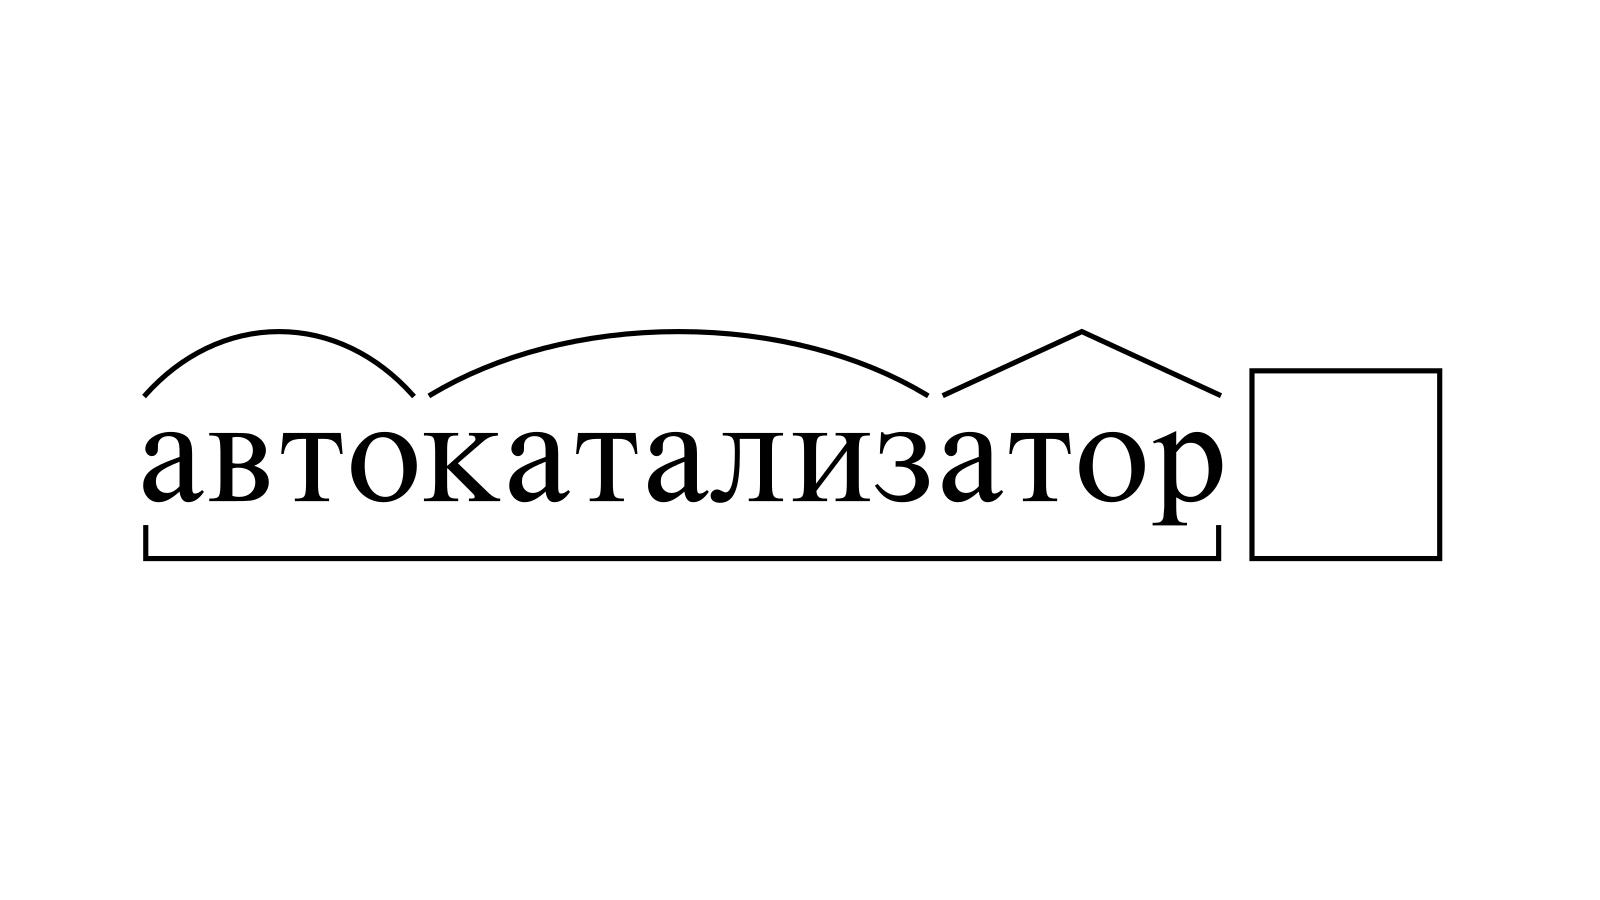 Разбор слова «автокатализатор» по составу